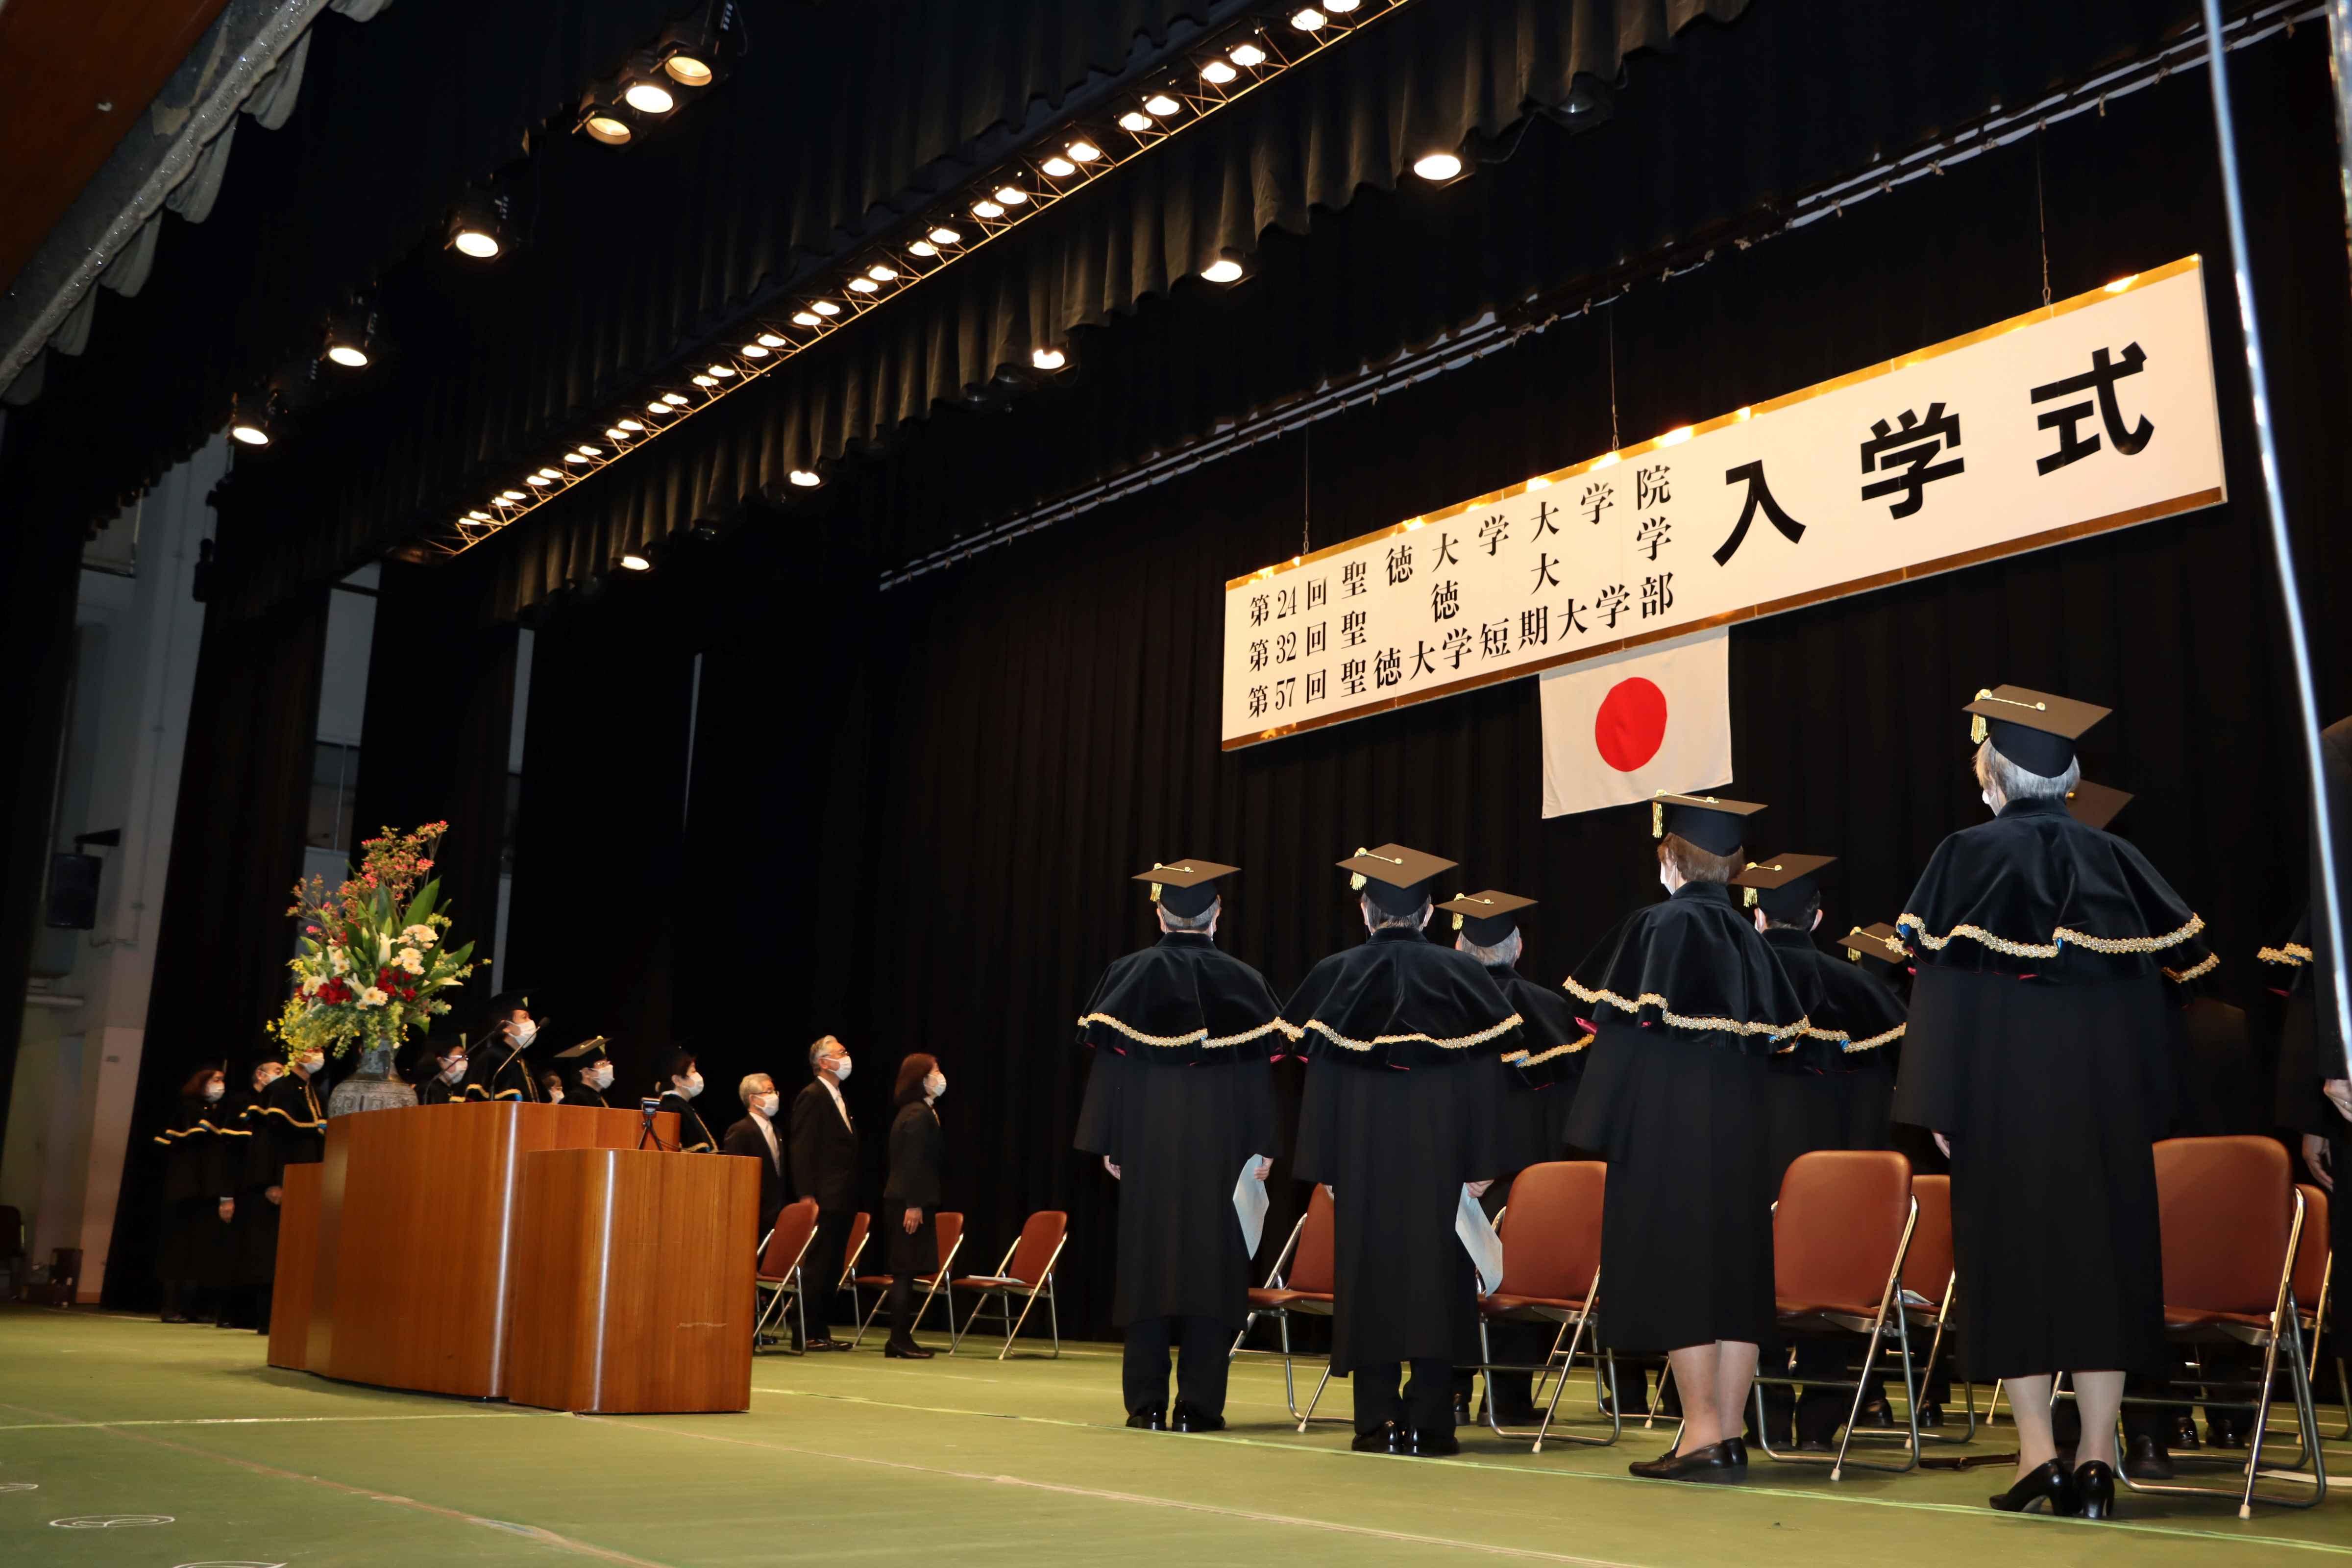 新1年生、ご入学おめでとうございます!入学式~オリエンテーション